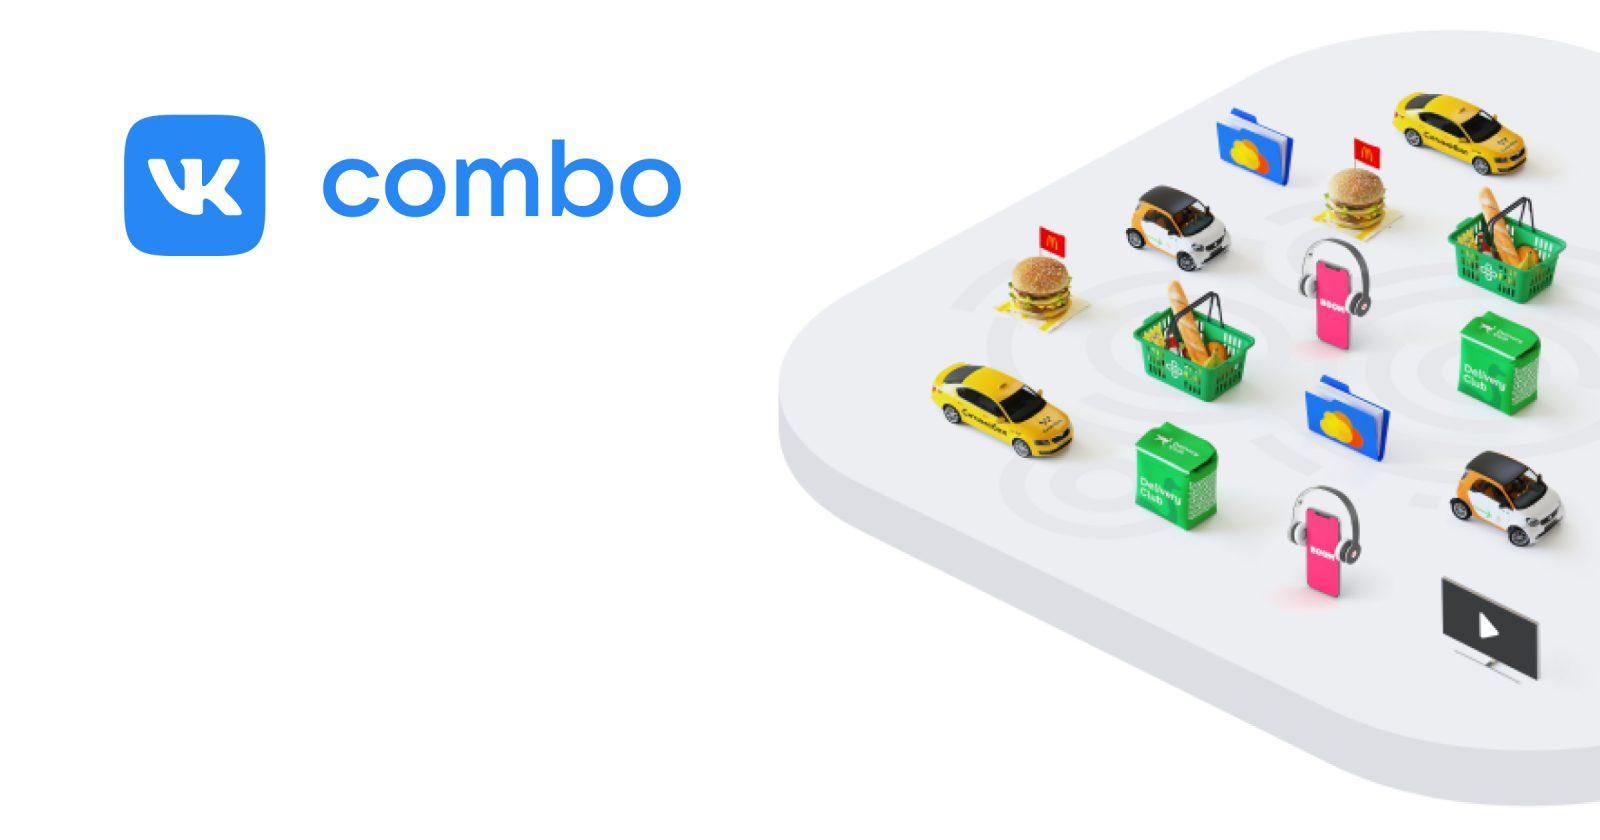 Получаем месяц подписки VK Combo бесплатно попромокоду